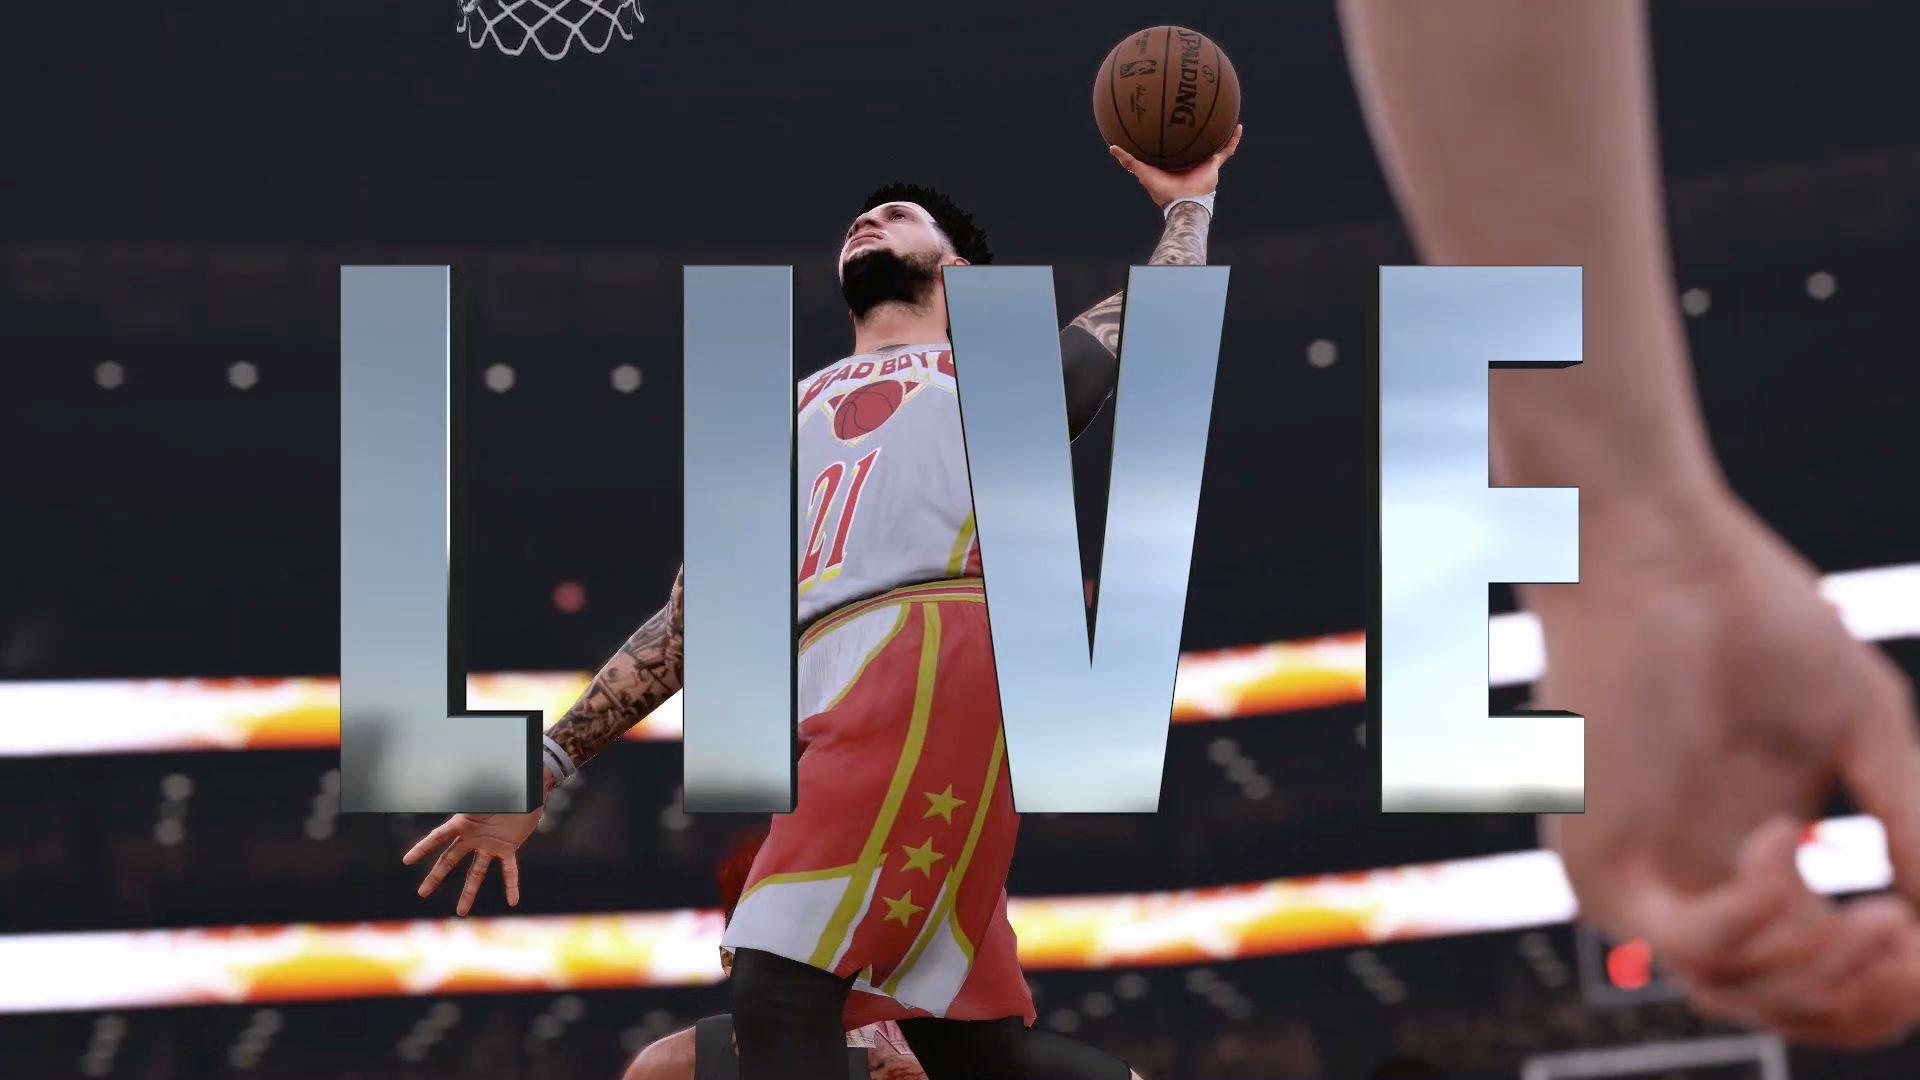 Photo of إضافة نمط المشاهدة إلى NBA 2K16 لمتابعة البطولات التنافسية القادمة